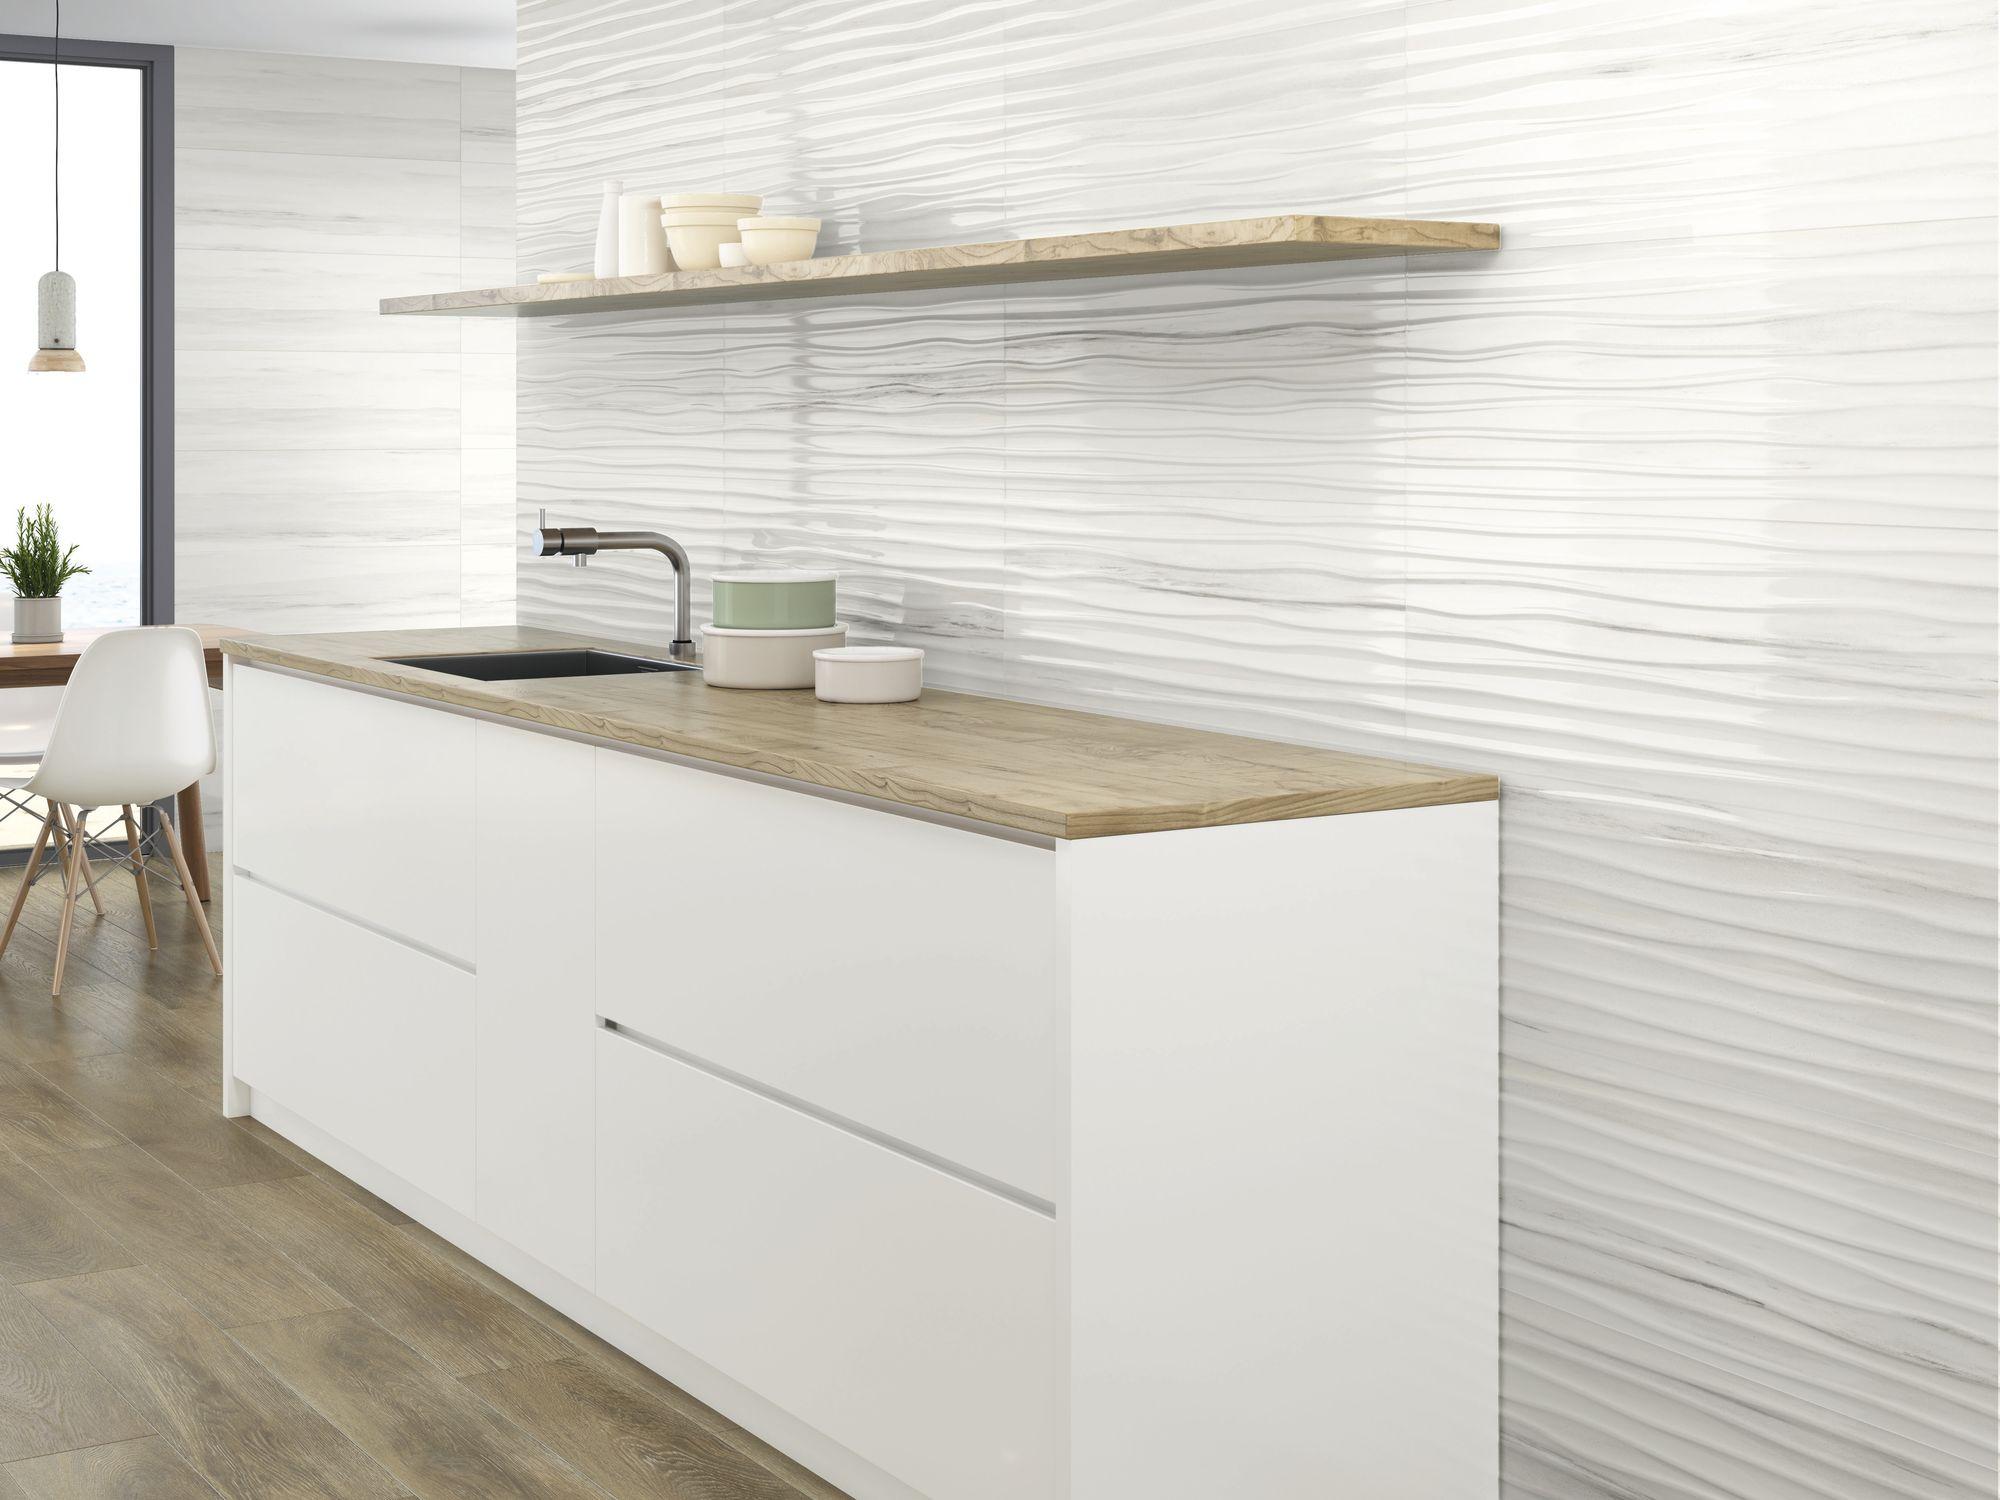 Riverdale Wellen white 30 x 90 cm. Riverdale white 30 x 90 cm.